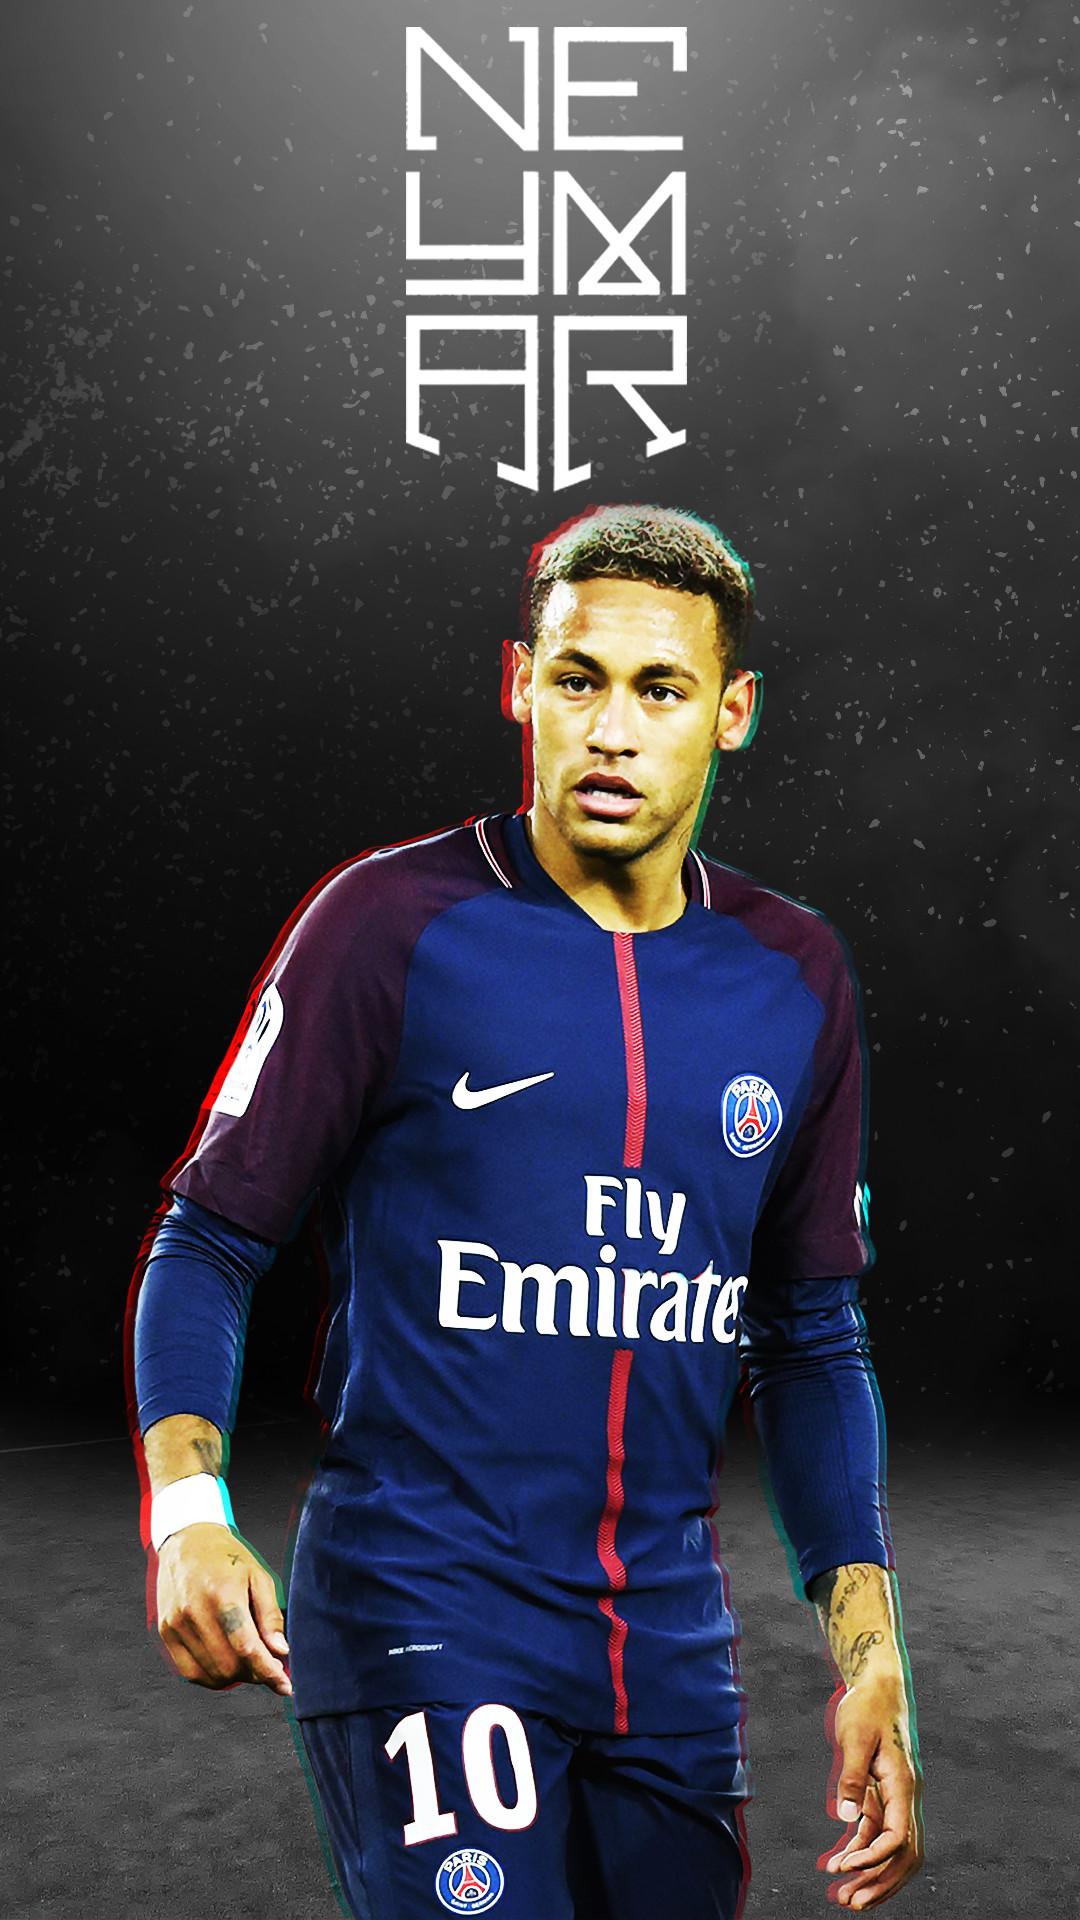 Neymar Jr Hd Wallpaper Photos - Neymar Jr Photos Free ...